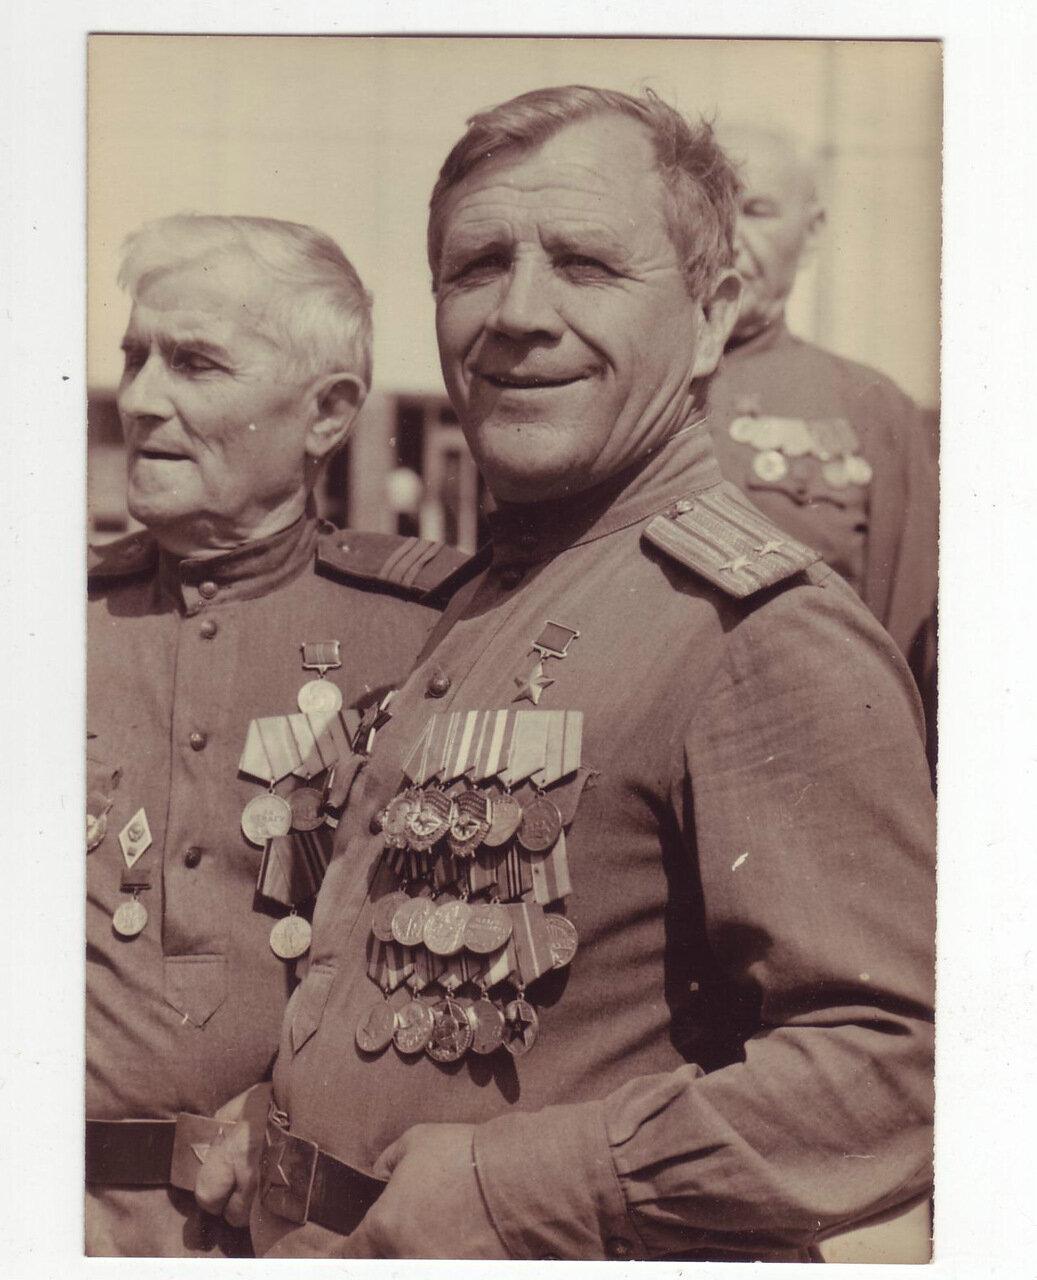 Ветеран Великой Отечественной войны на параде 1970-х годов